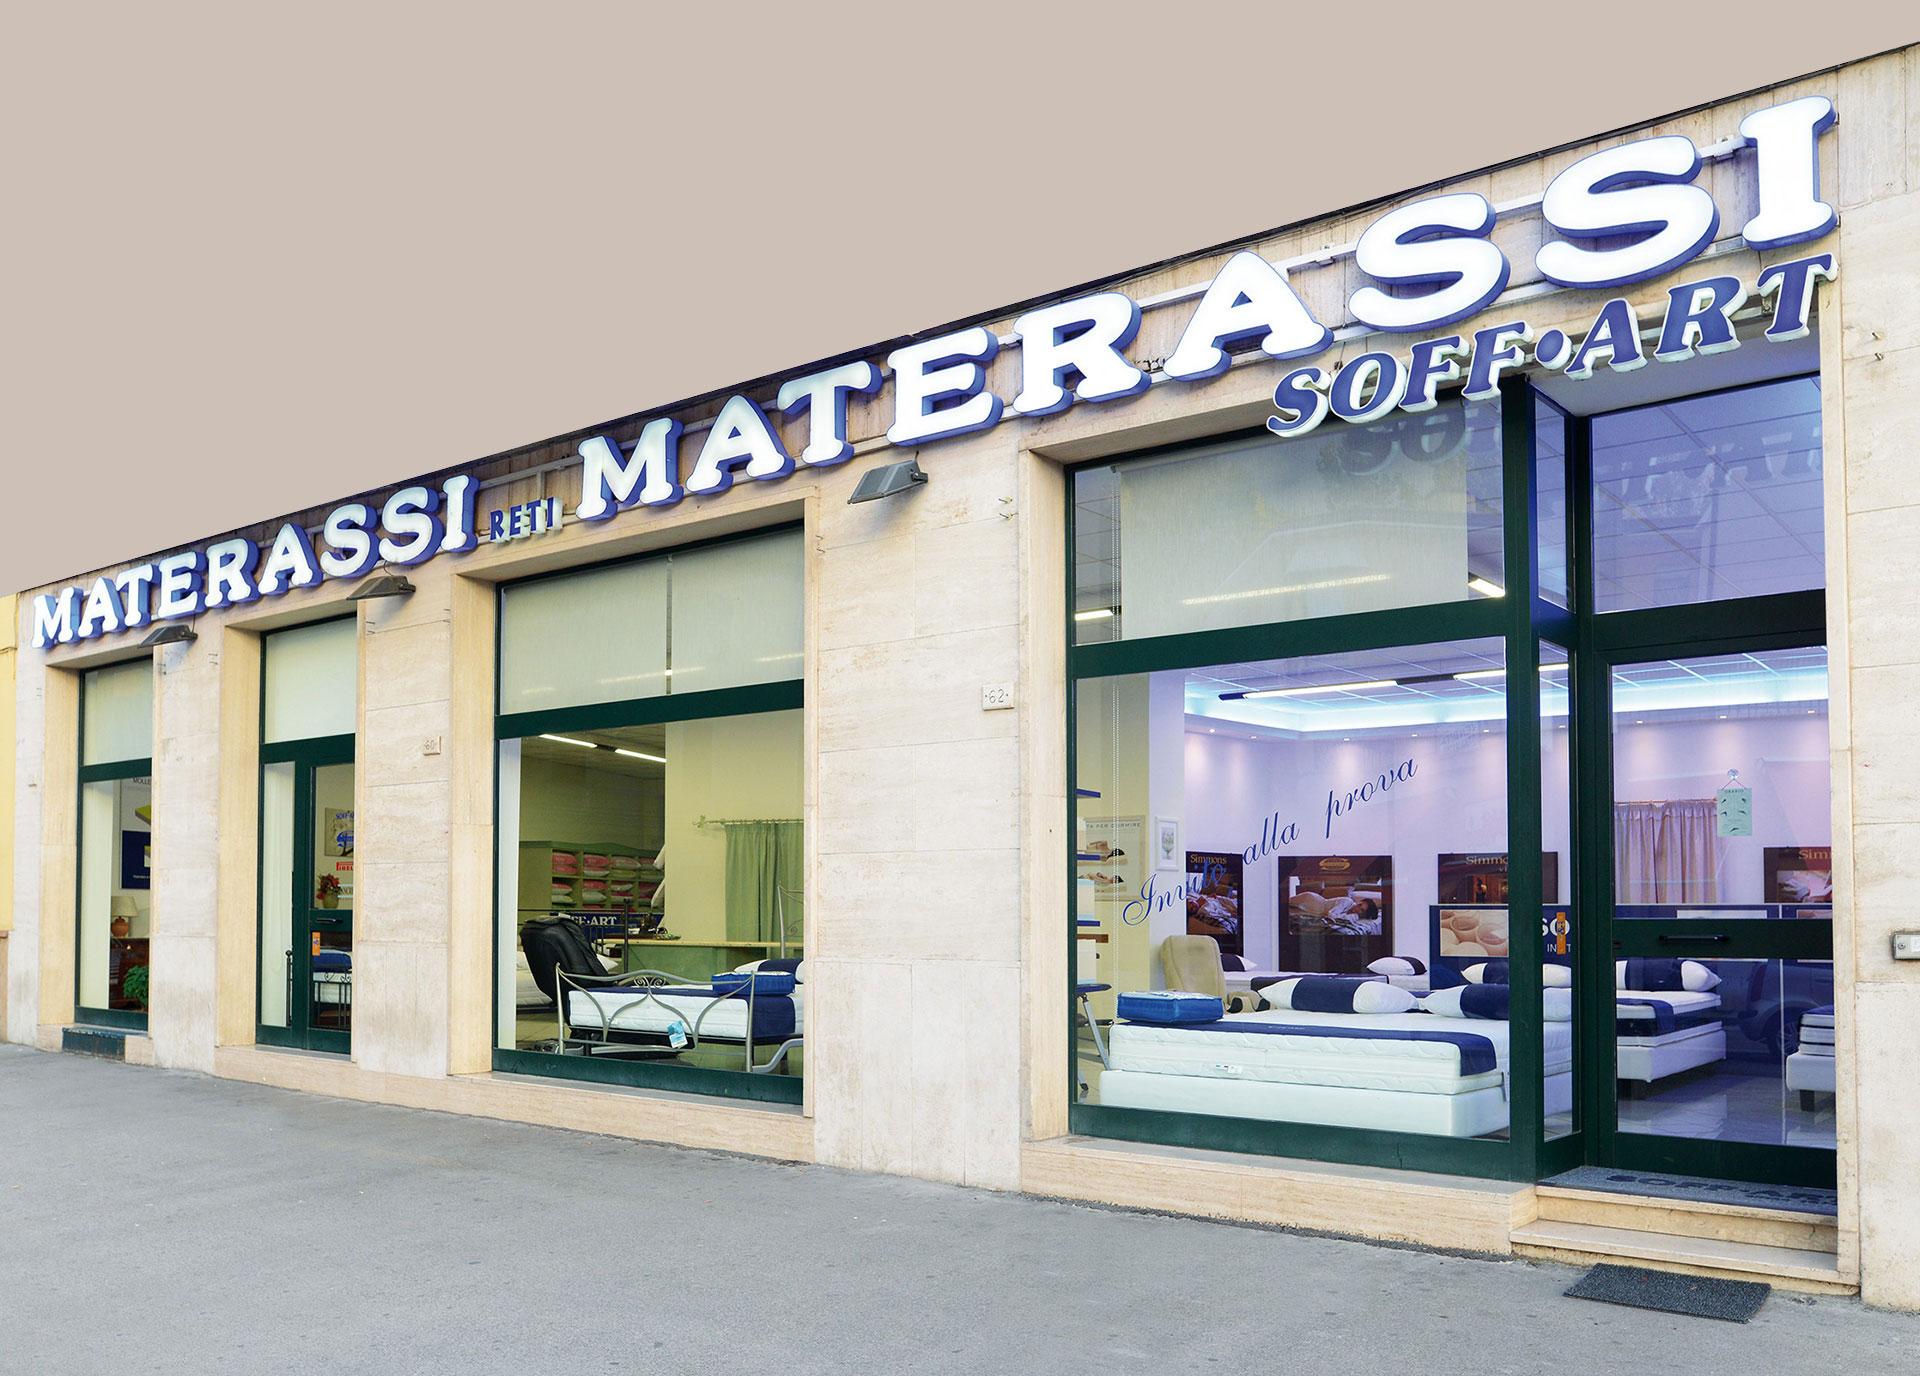 Materassi Terni.Soff Art I Materassi A Terni Dal 1970